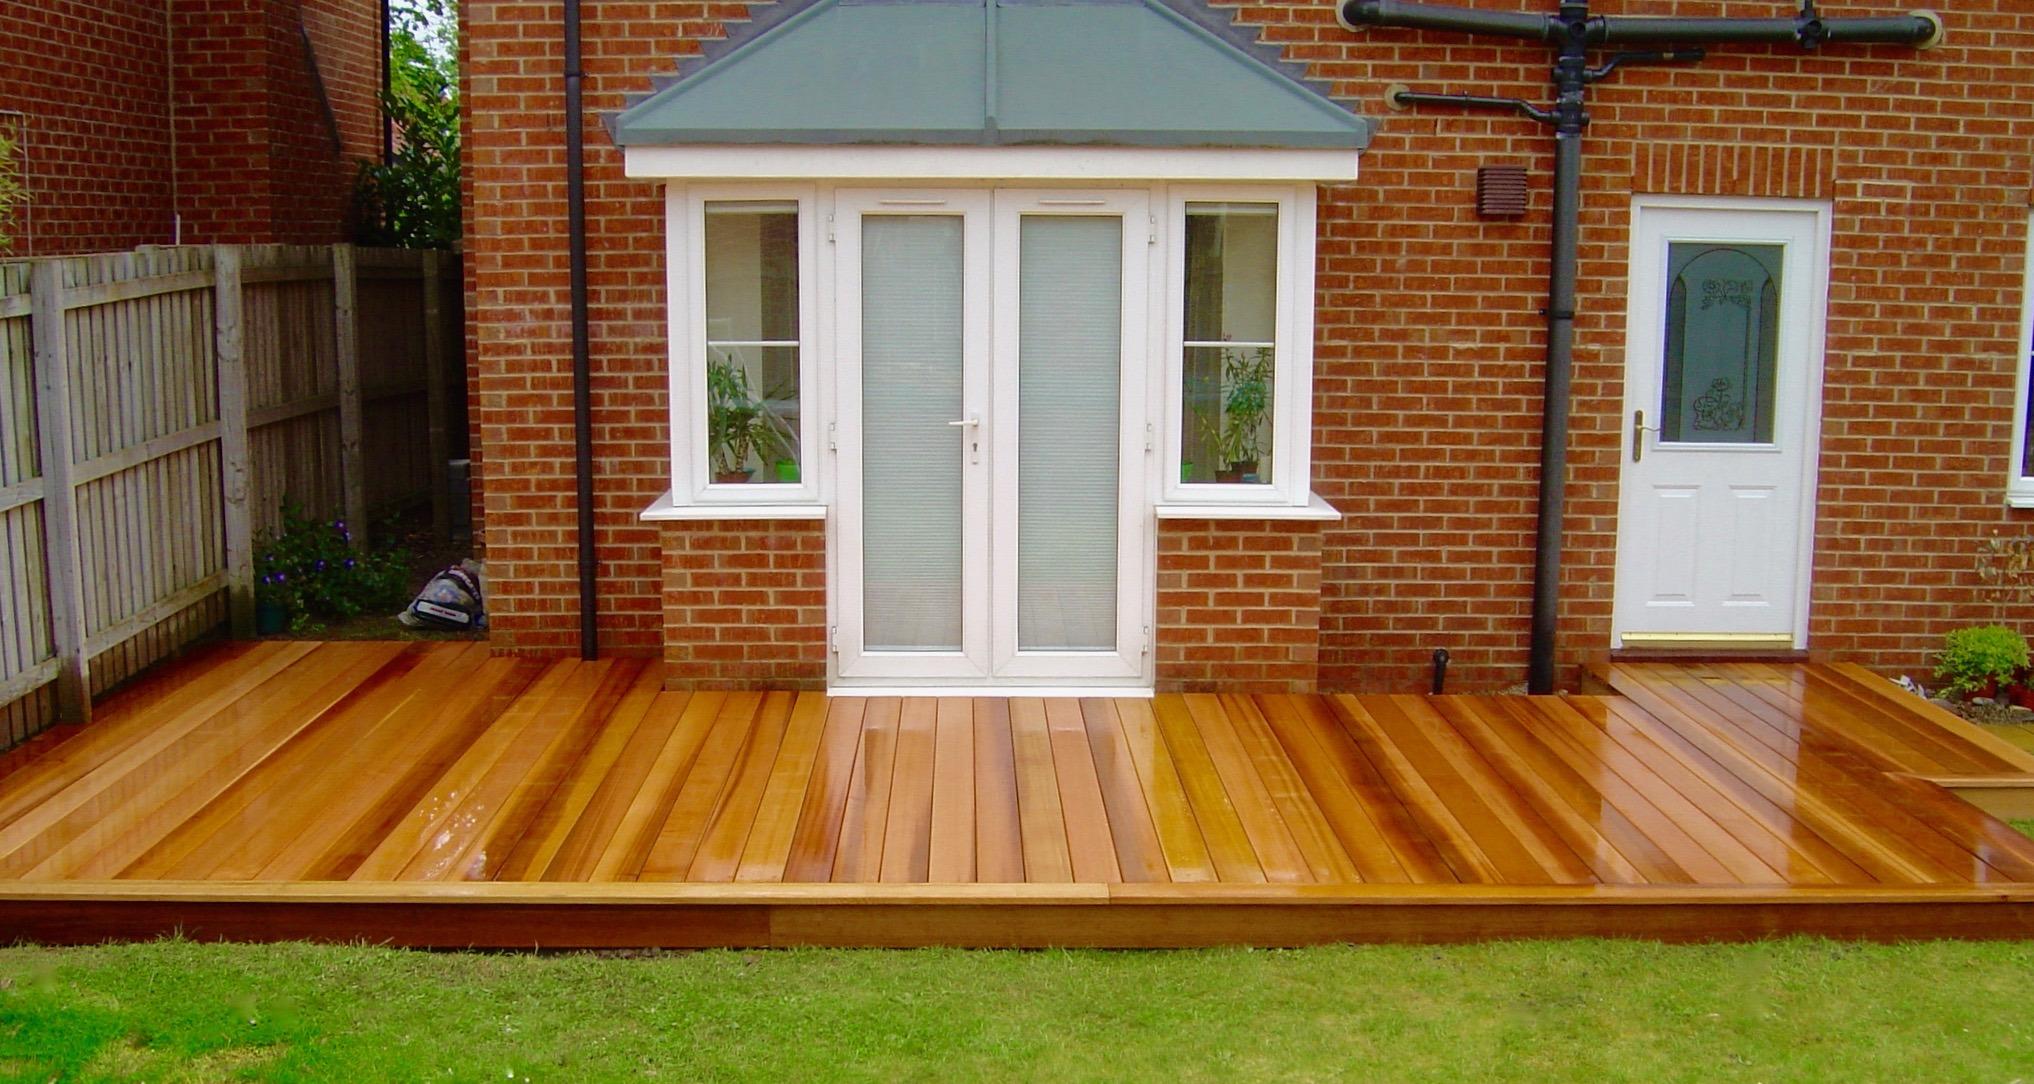 Cedar wood garden decking decking boards stockton for Cedar decks pros and cons